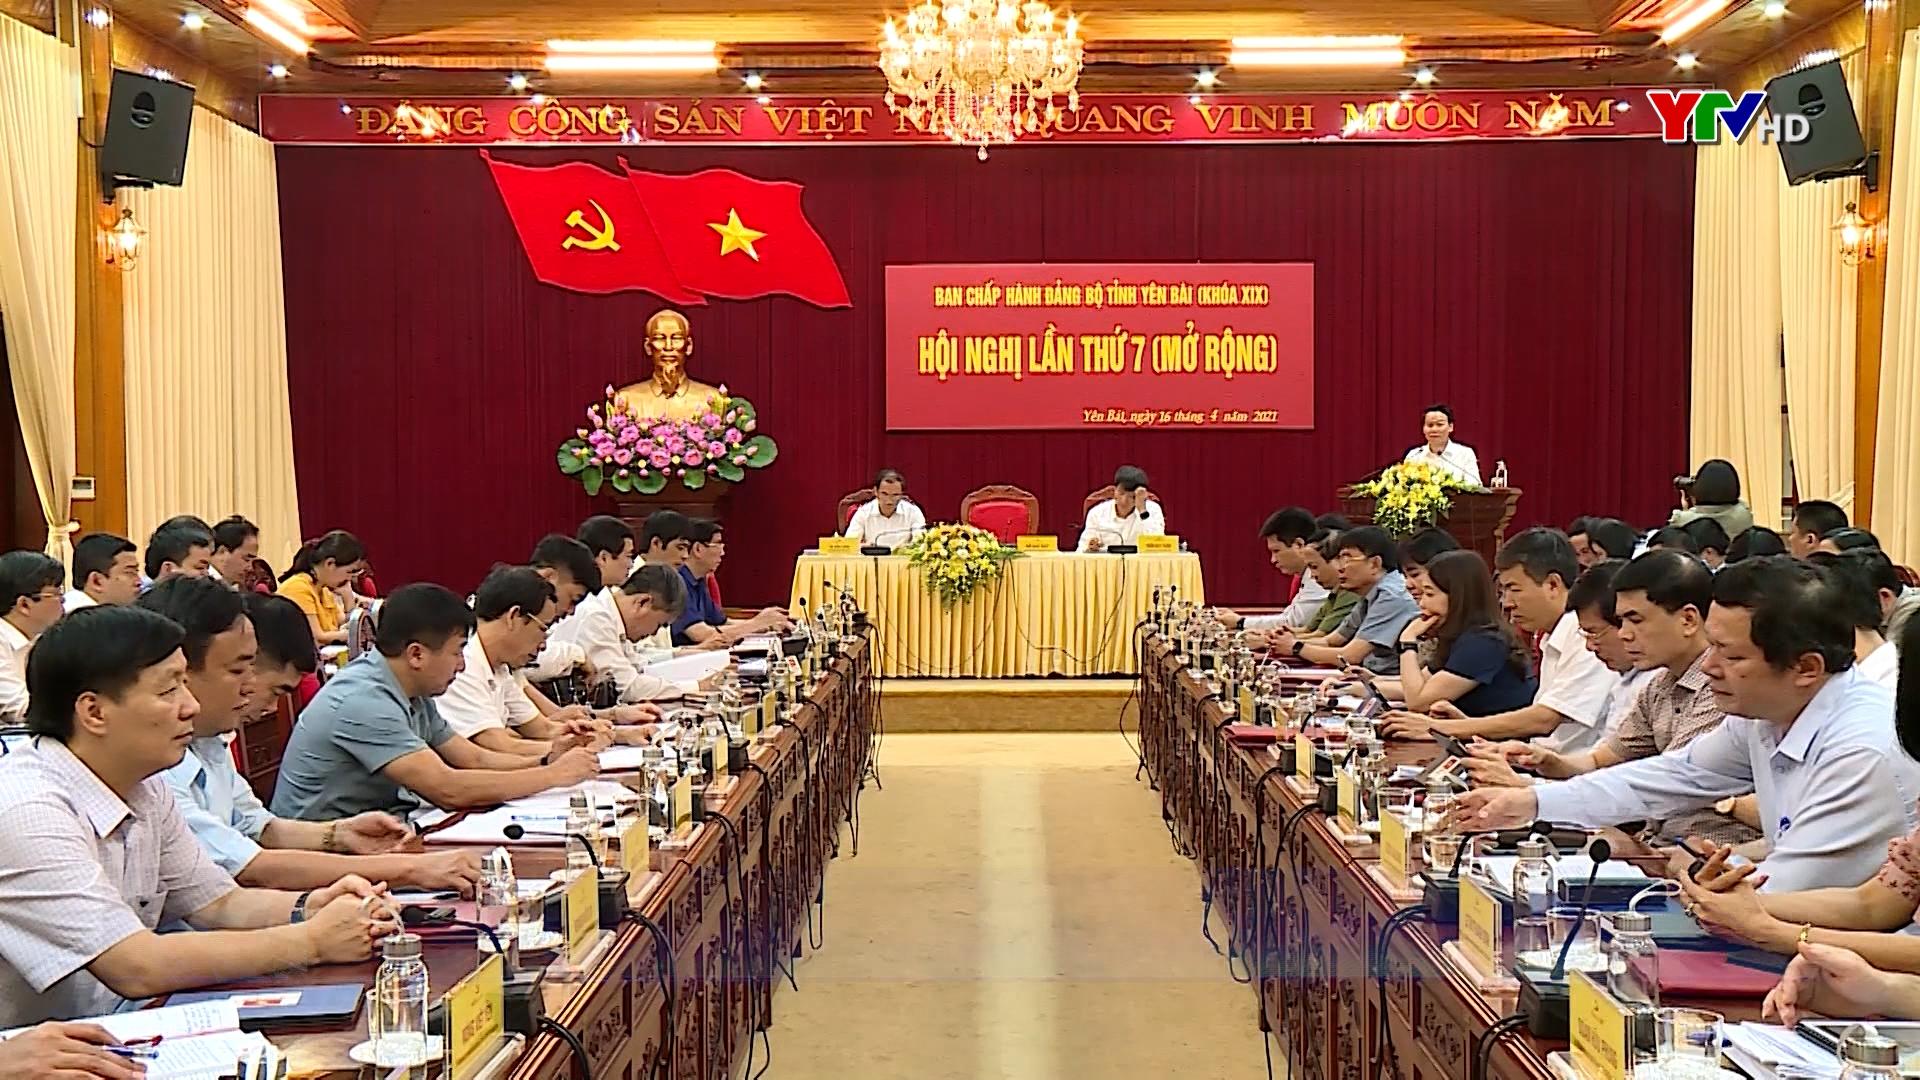 Hội nghị Ban Chấp hành Đảng bộ tỉnh lần thứ 7 hoàn thành các nội dung, chương trình